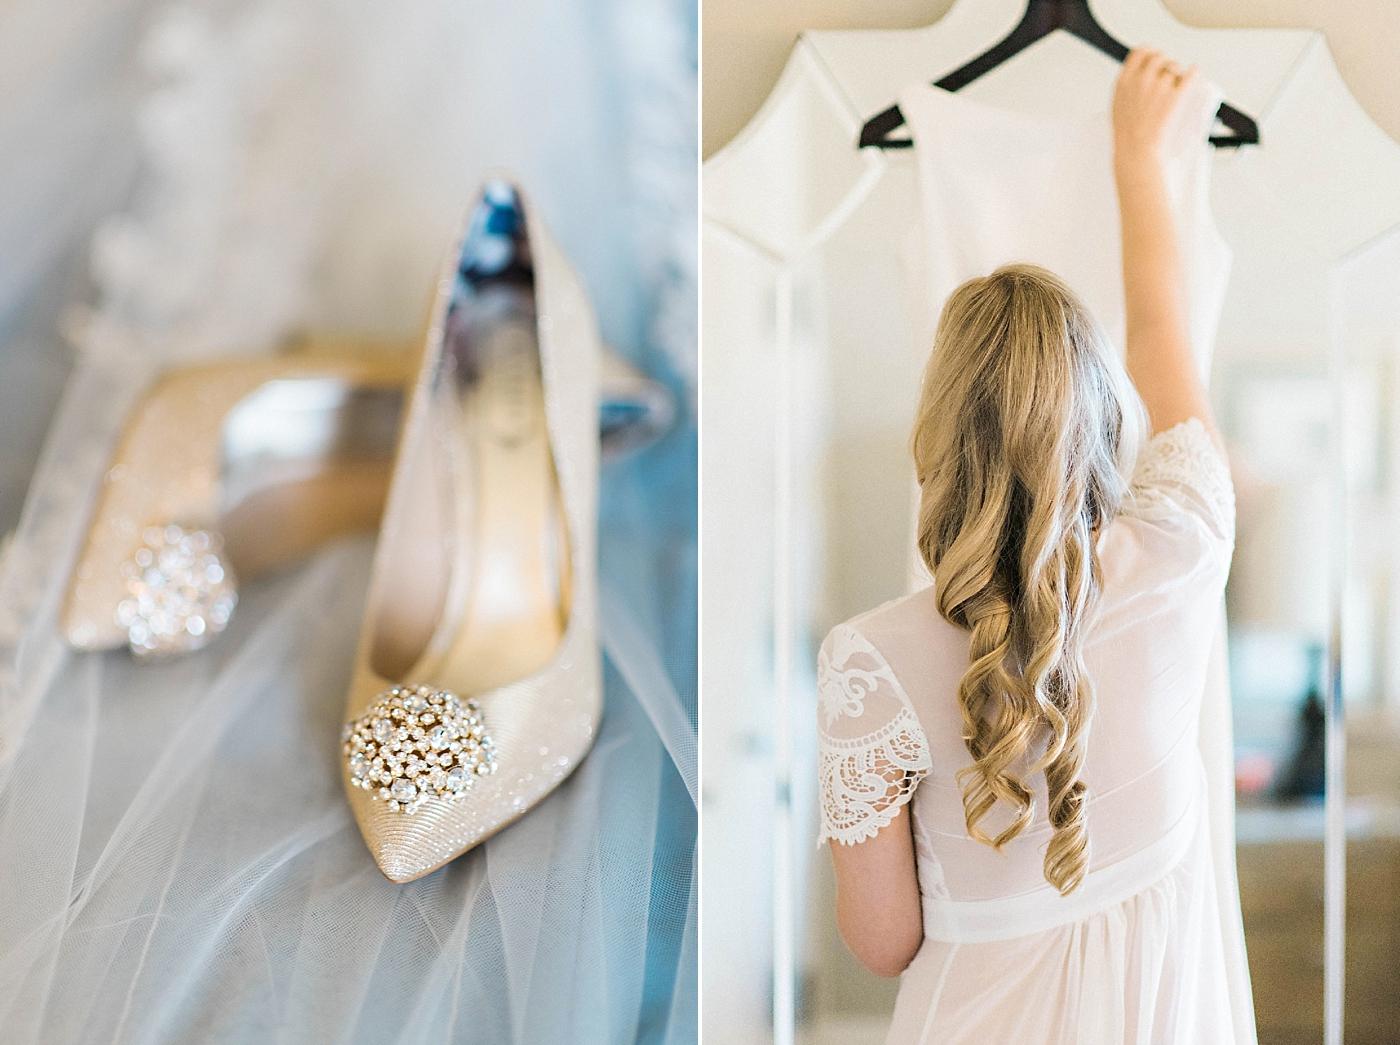 Halifax-Wedding-Photographer-New Brunswick Wedding- Nicolle & Ethan01.jpeg